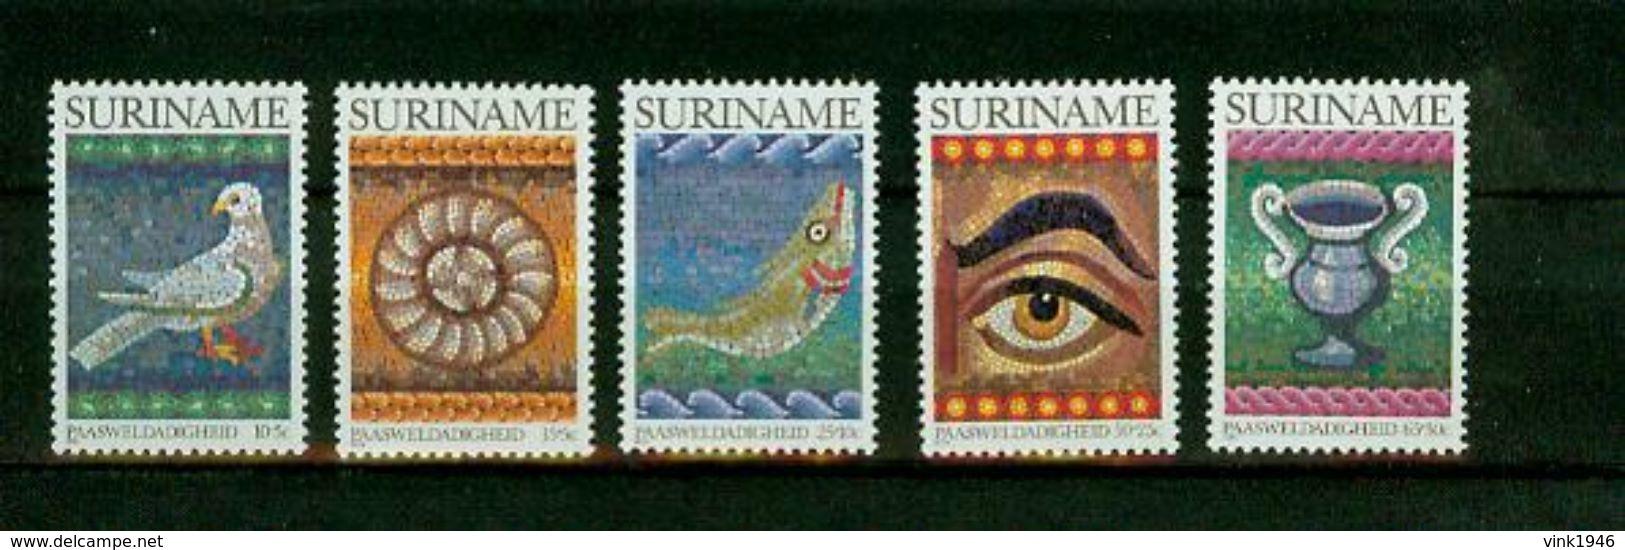 Suriname Surinam 1983, 5V,birds,vogels,oiseaux,vögel,oiseaux,pajaros,aves,uccelli , MNH/postfris(D2057) - Oiseaux